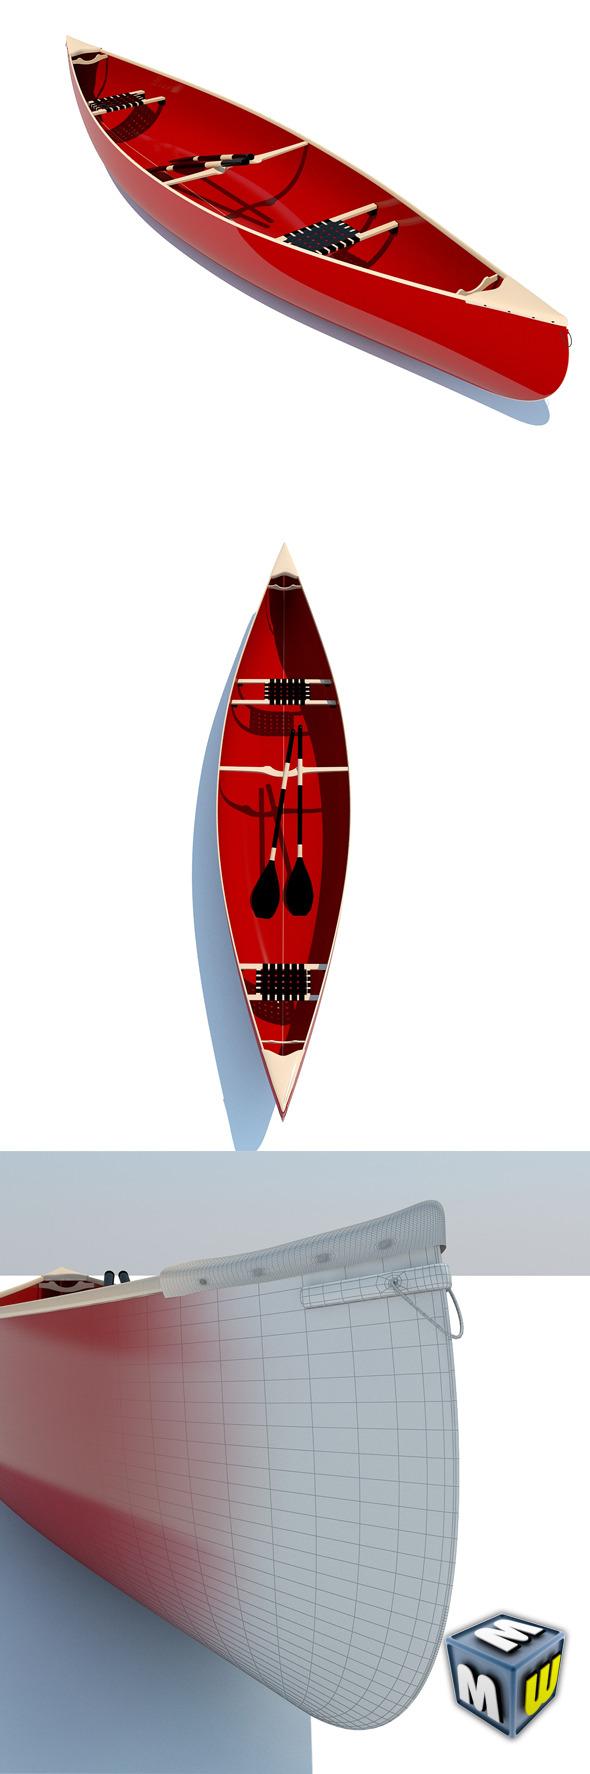 3DOcean Canoe MAX 2011 5004364